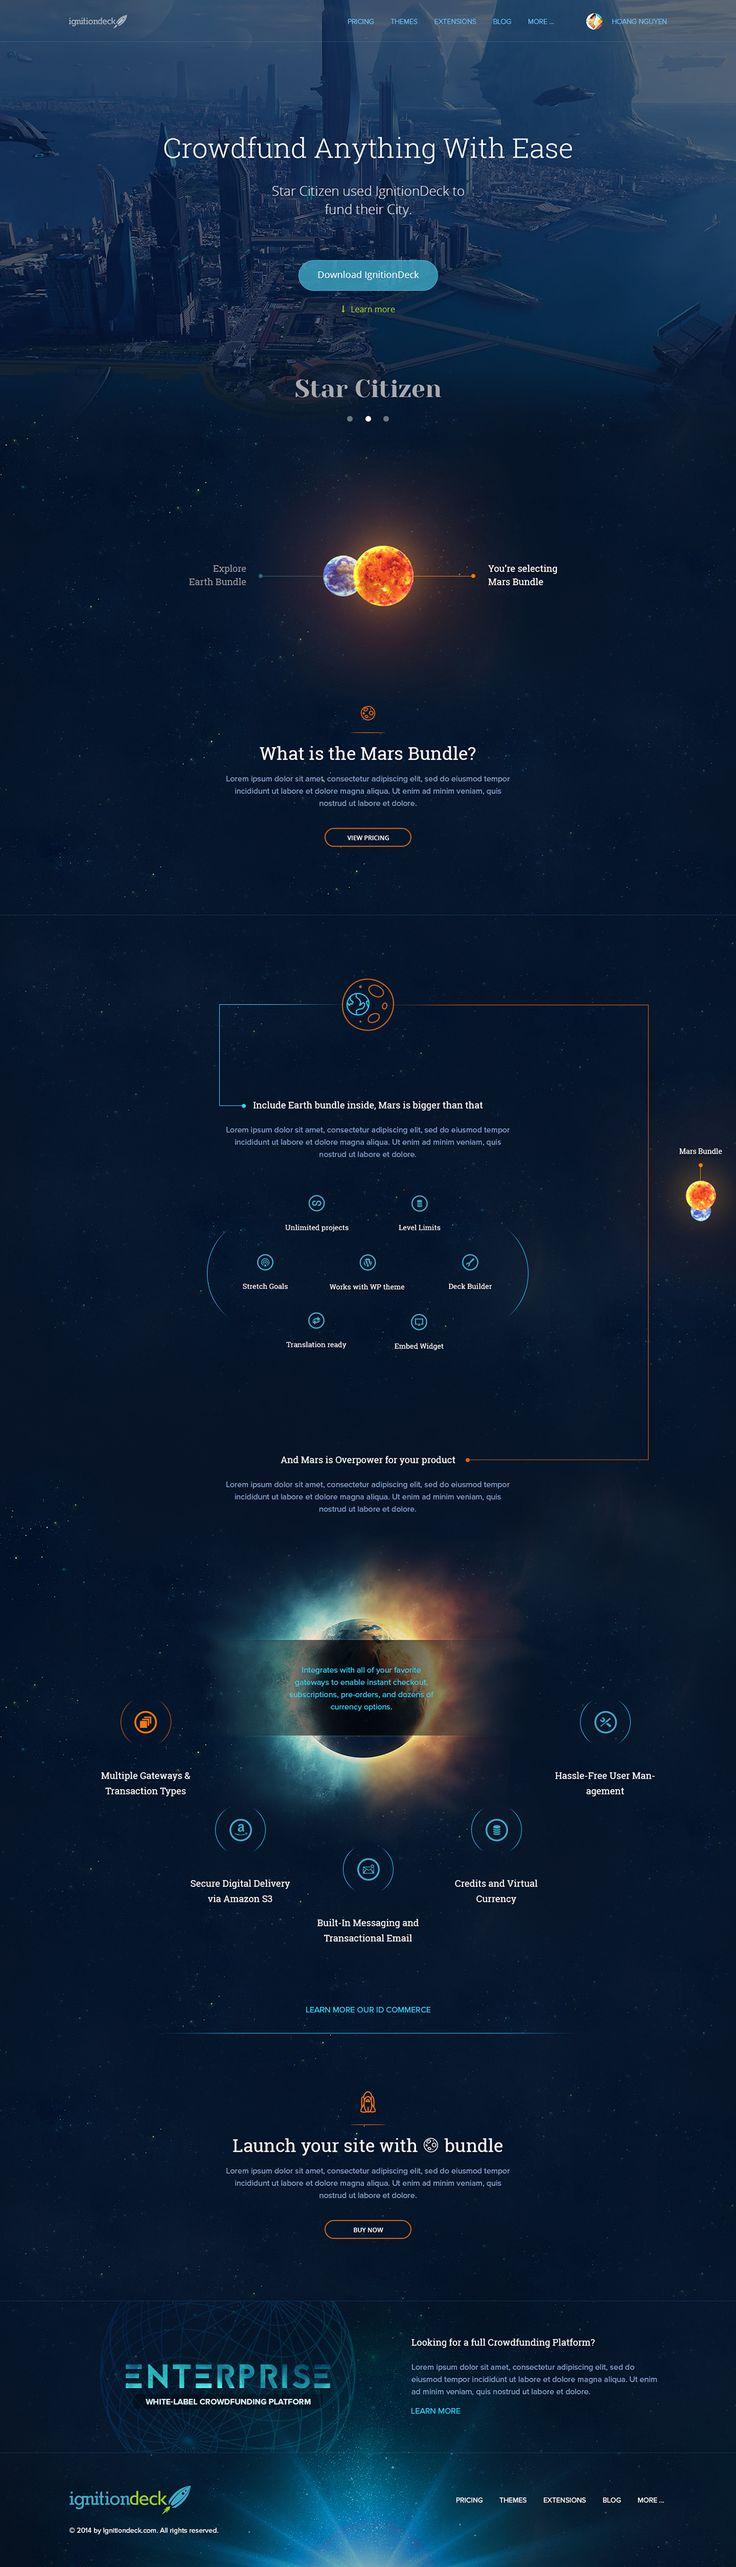 IgnitionDeck LandingPages Set on Behance